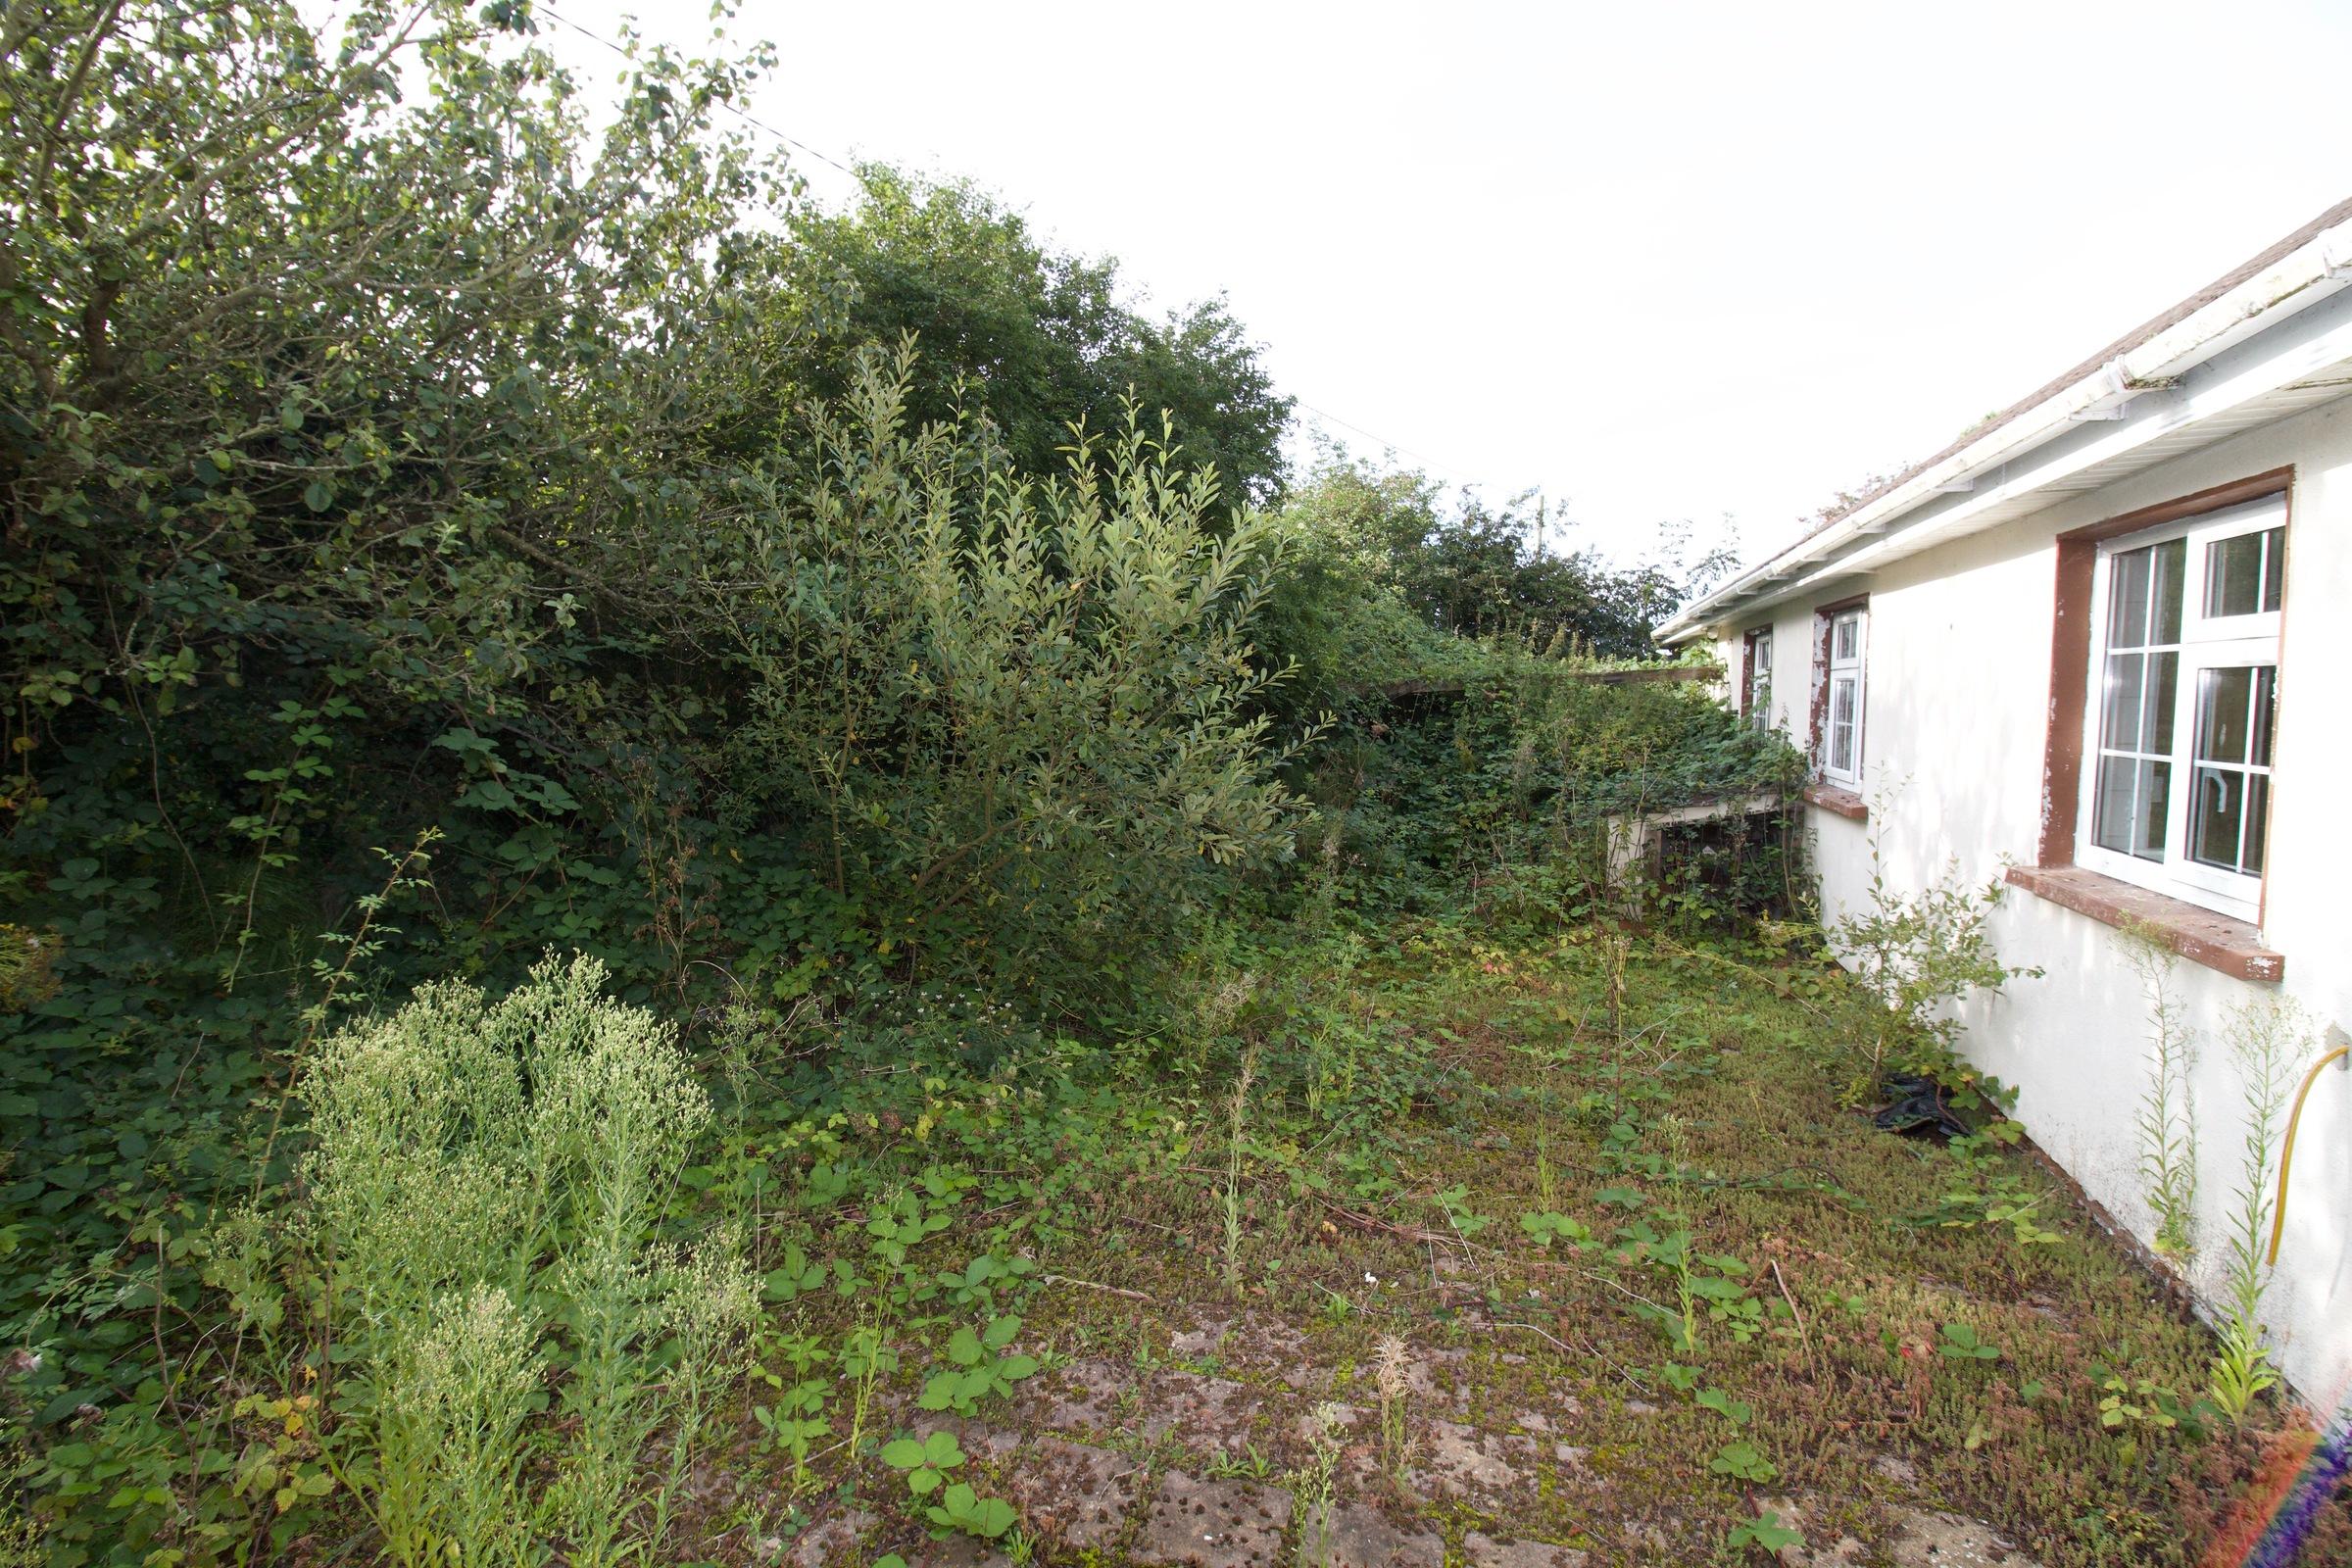 Bornacourtia, Kilmuckridge, Co. Wexford